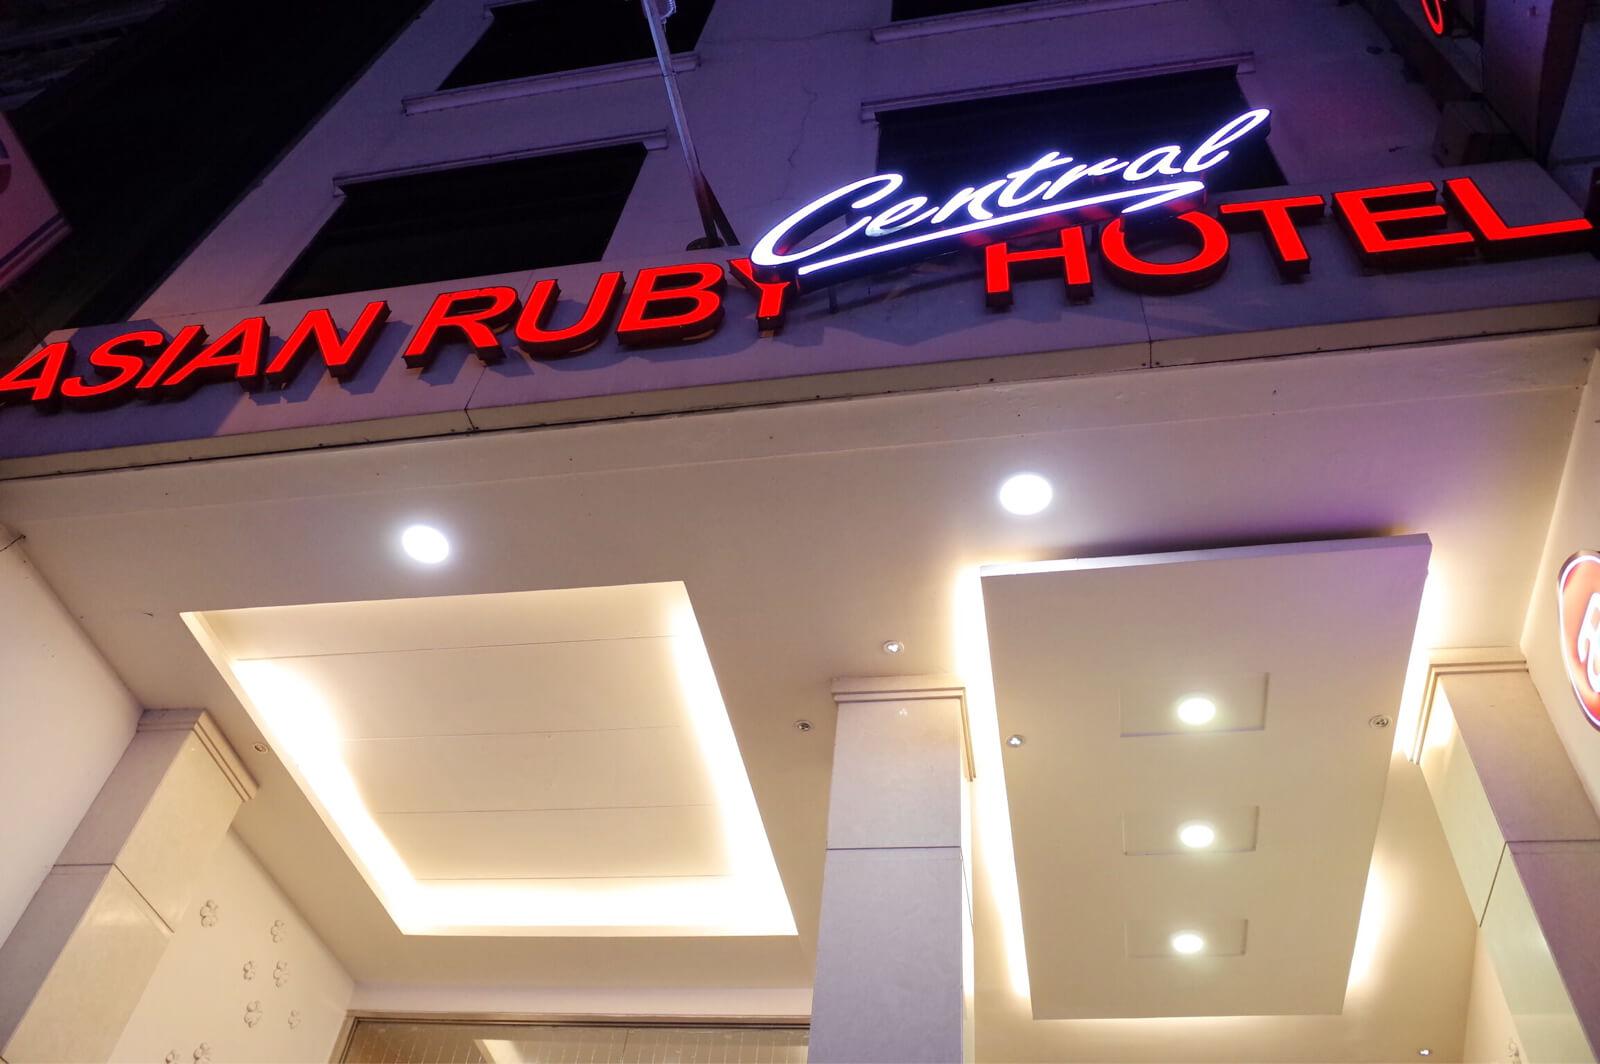 アジアンルビーセントラルホテル ホーチミン